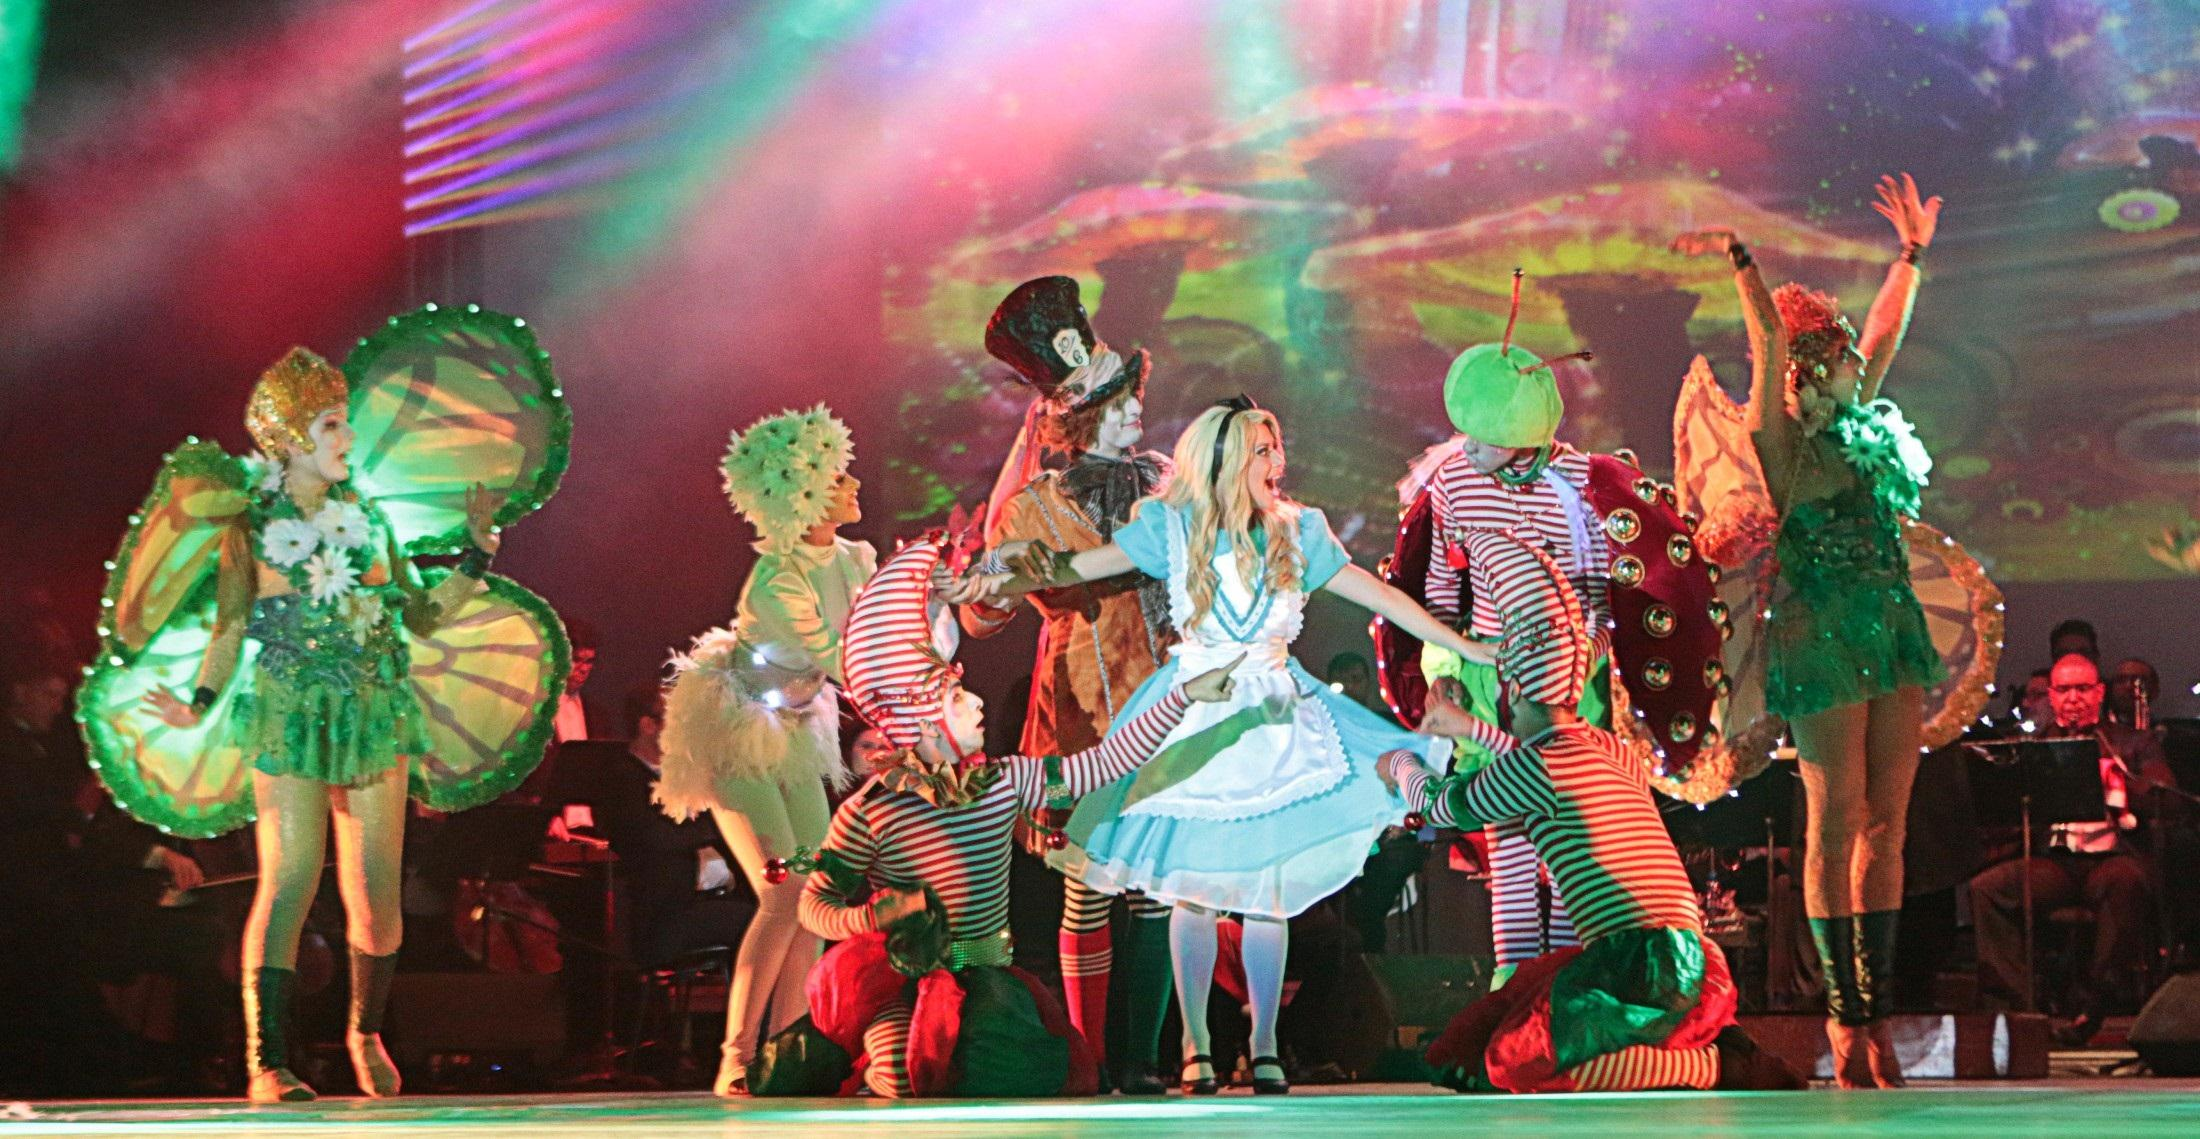 Fim de semana tem estreia de Mary Poppins, feiras noturnas e atrações natalinas